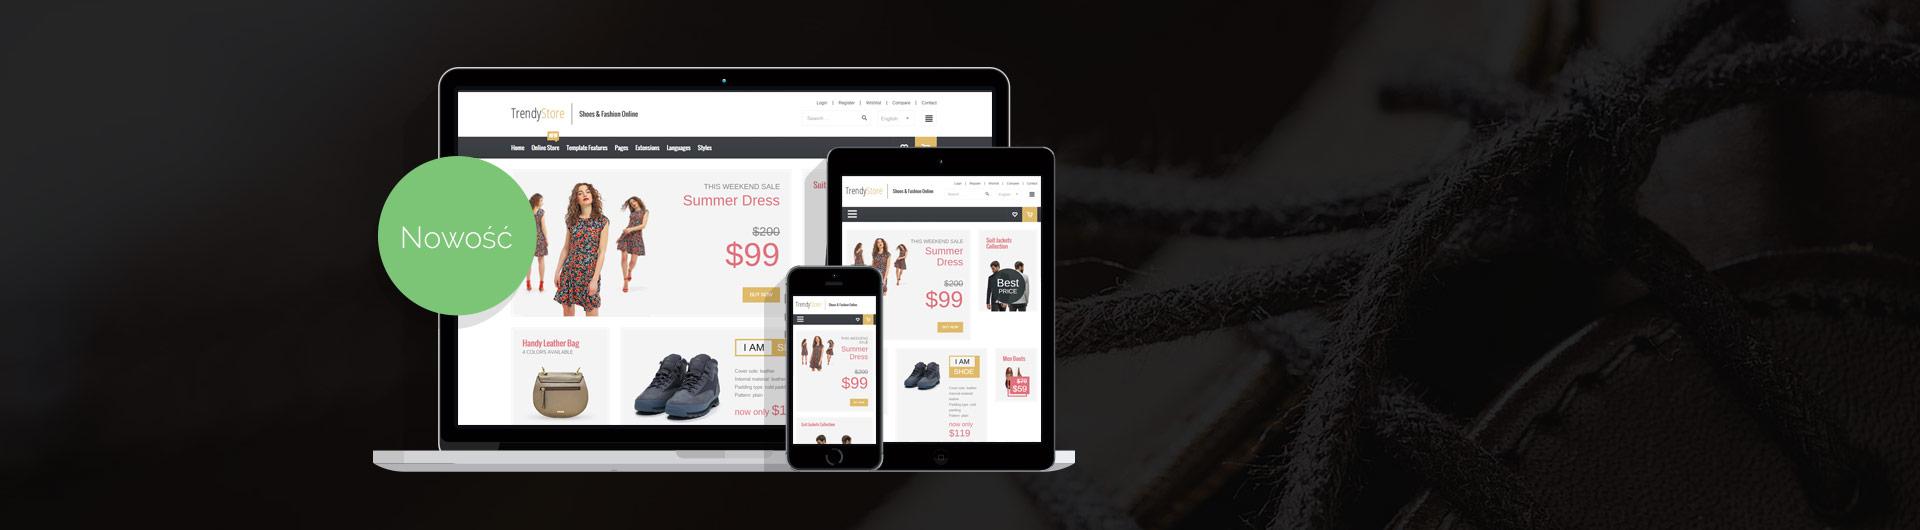 JM Trendy J2Store - sklep internetowy na Joomla